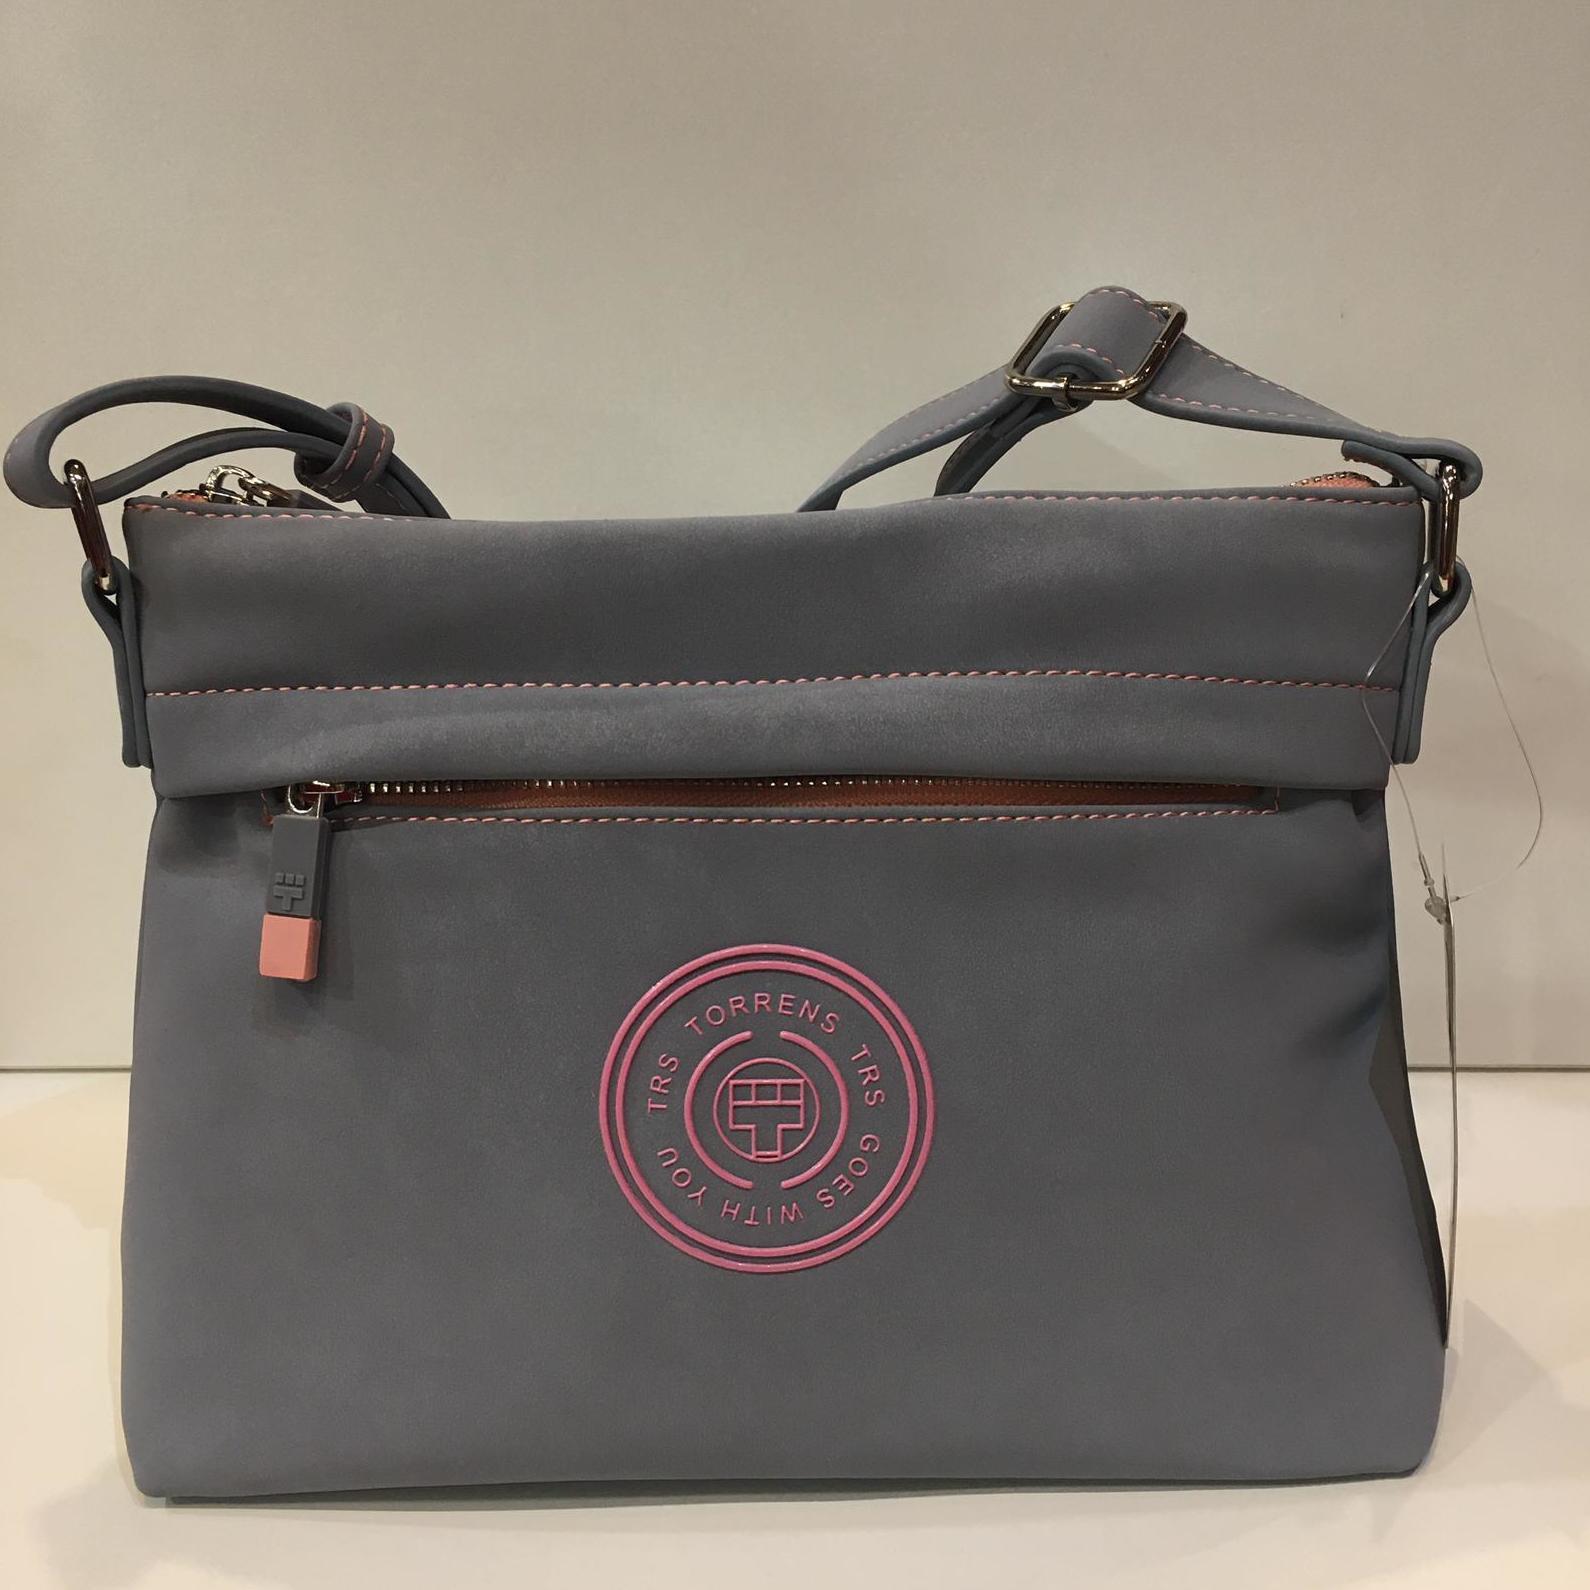 Bossa de la marca Torrens, de mida petita, amb tira llatga adaptable a totes les mides 39€